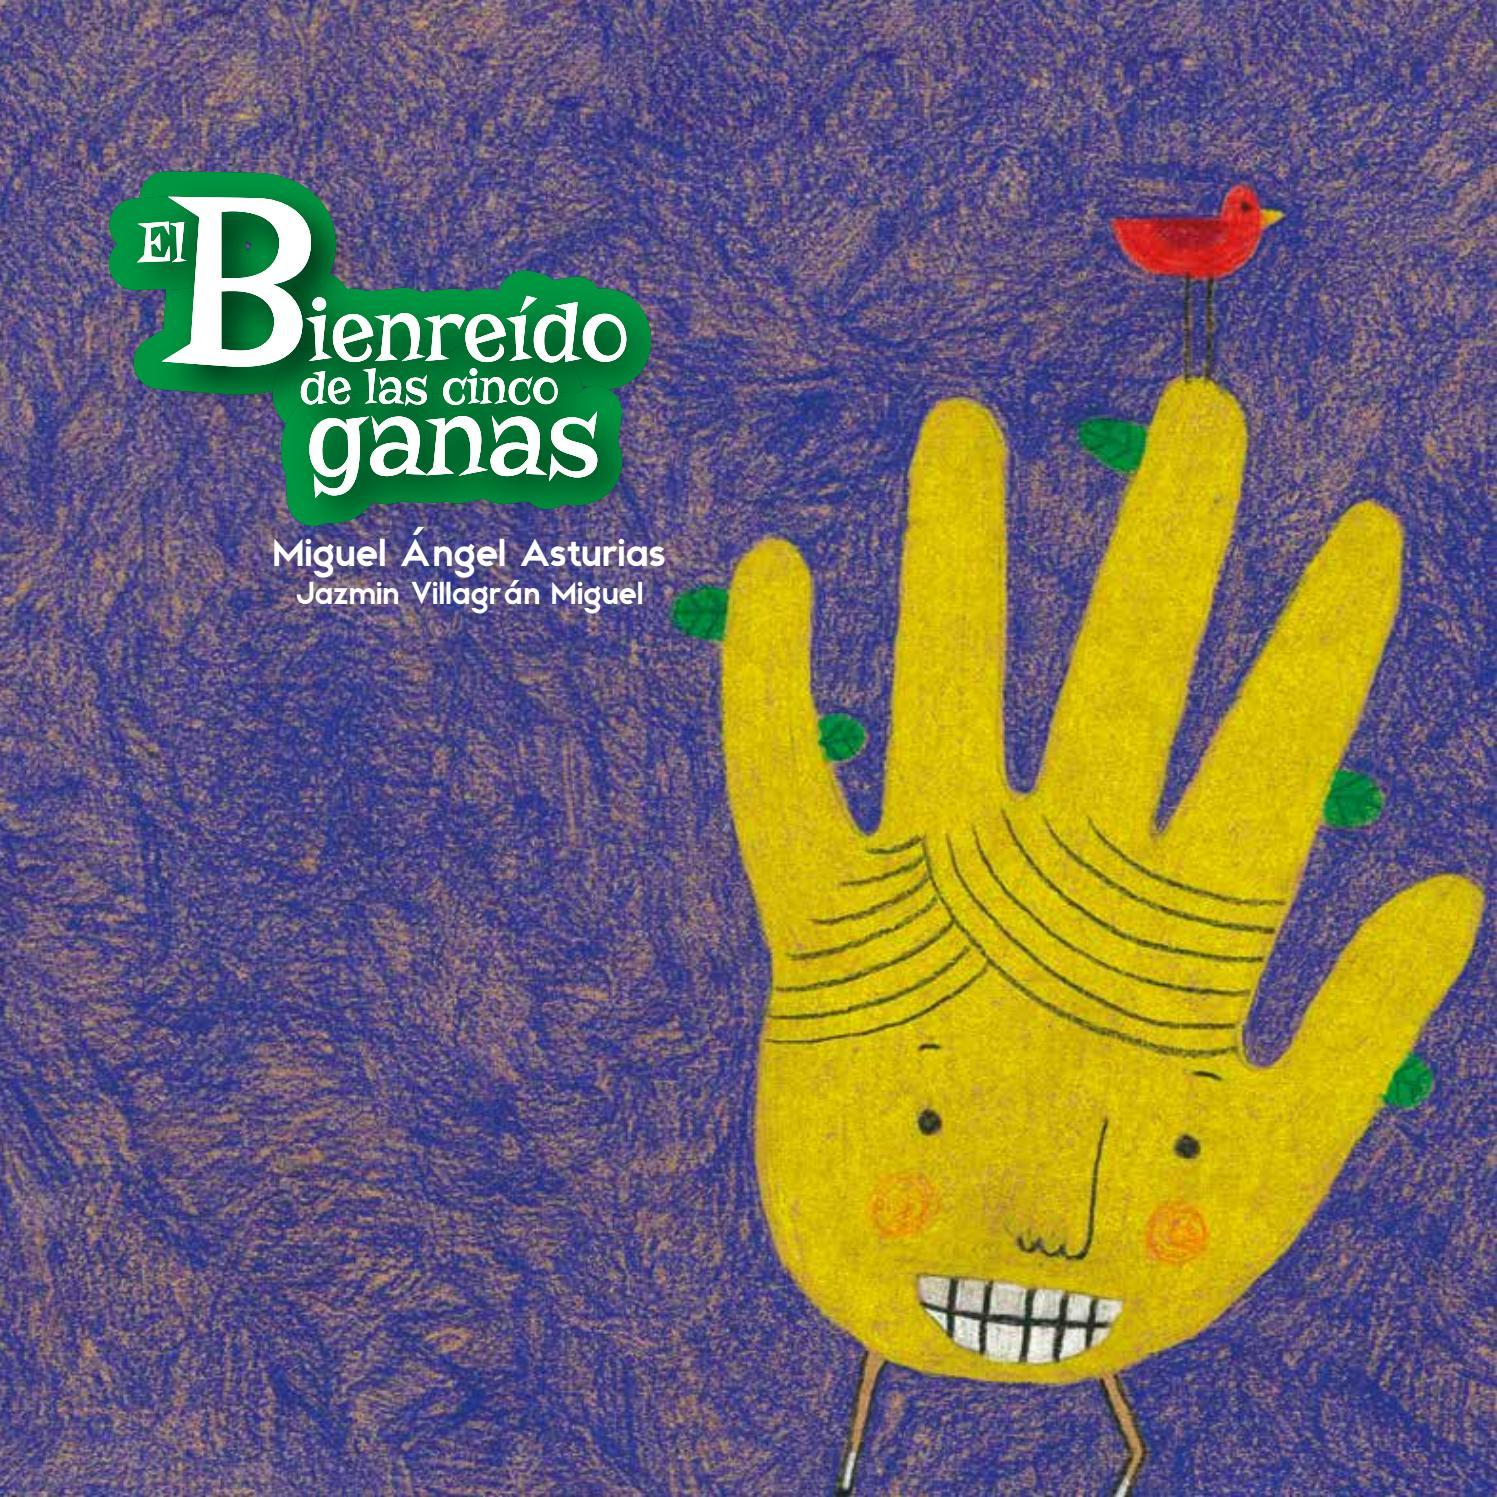 El Bienreído de las cinco ganas· Ministerio de Cultura y Deportes de Guatemala